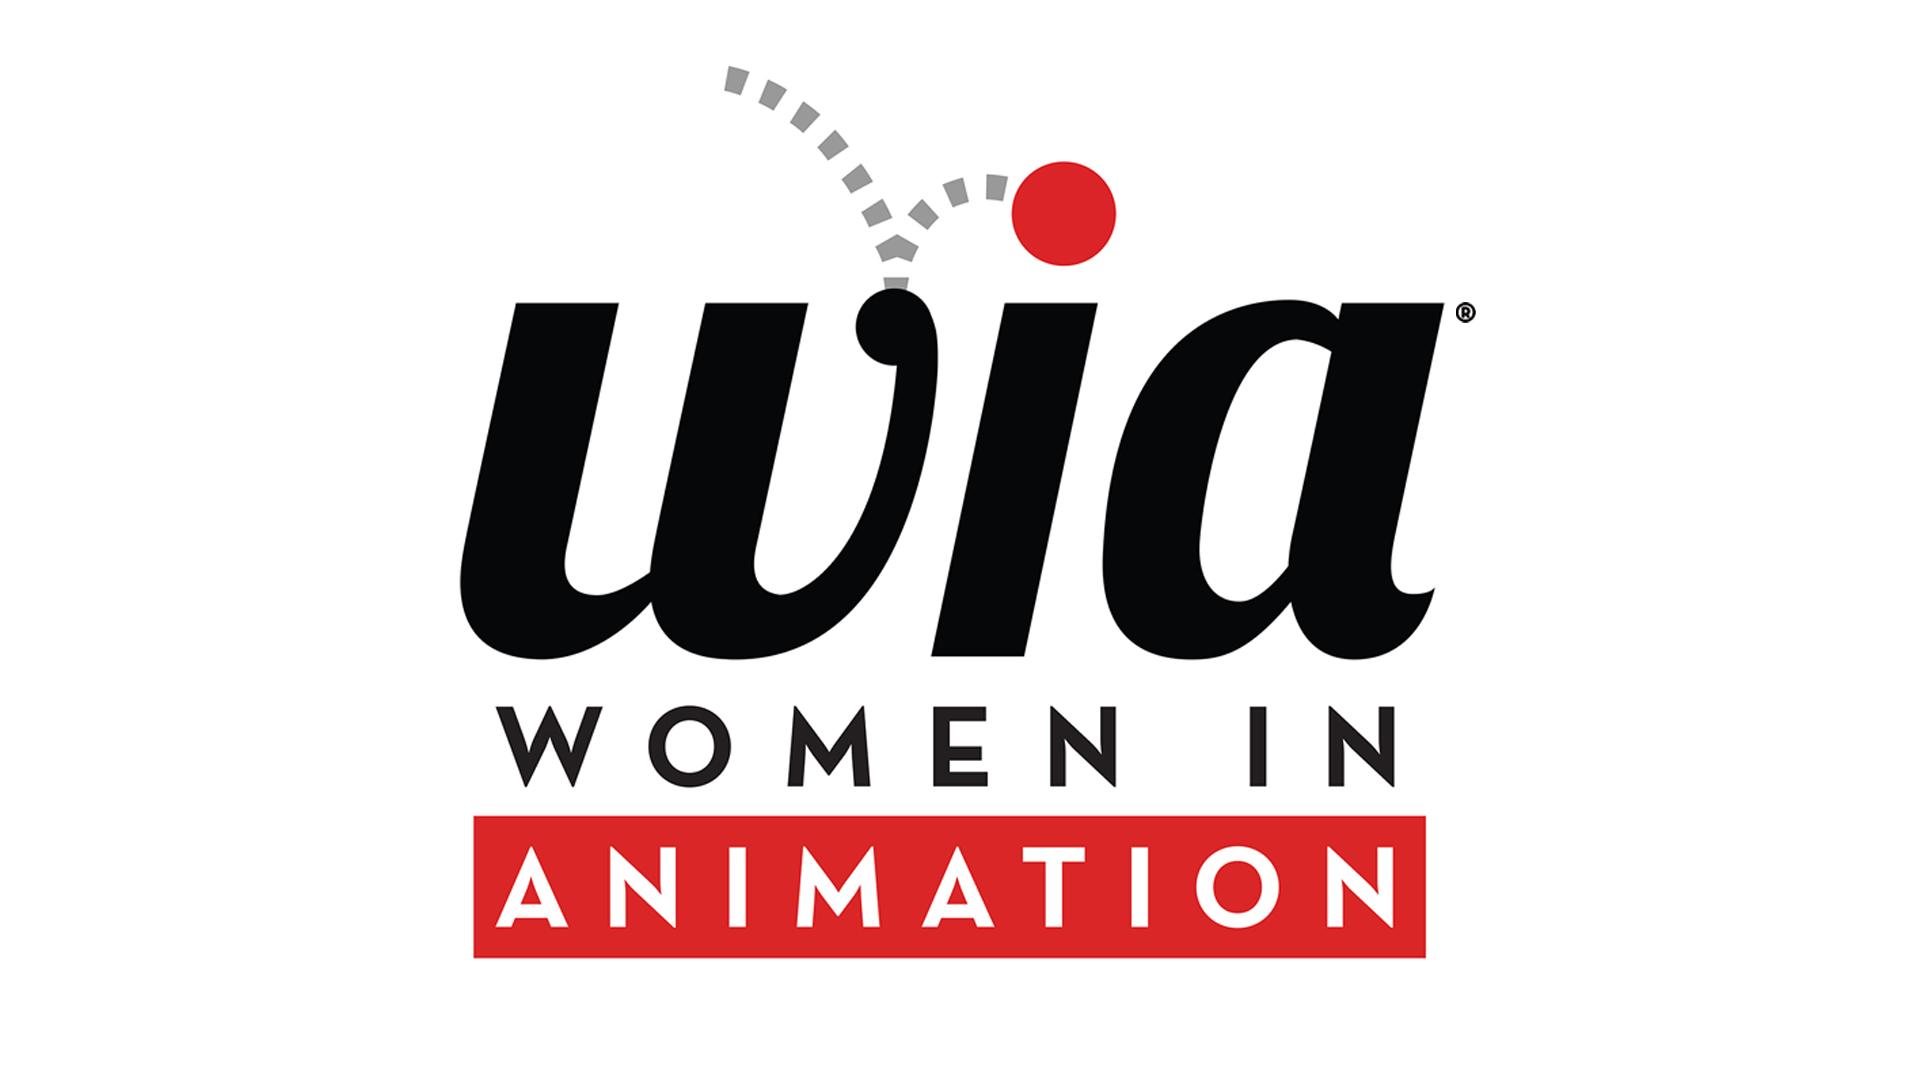 维塔士再次成为Women in Animation 全球基金赞助商